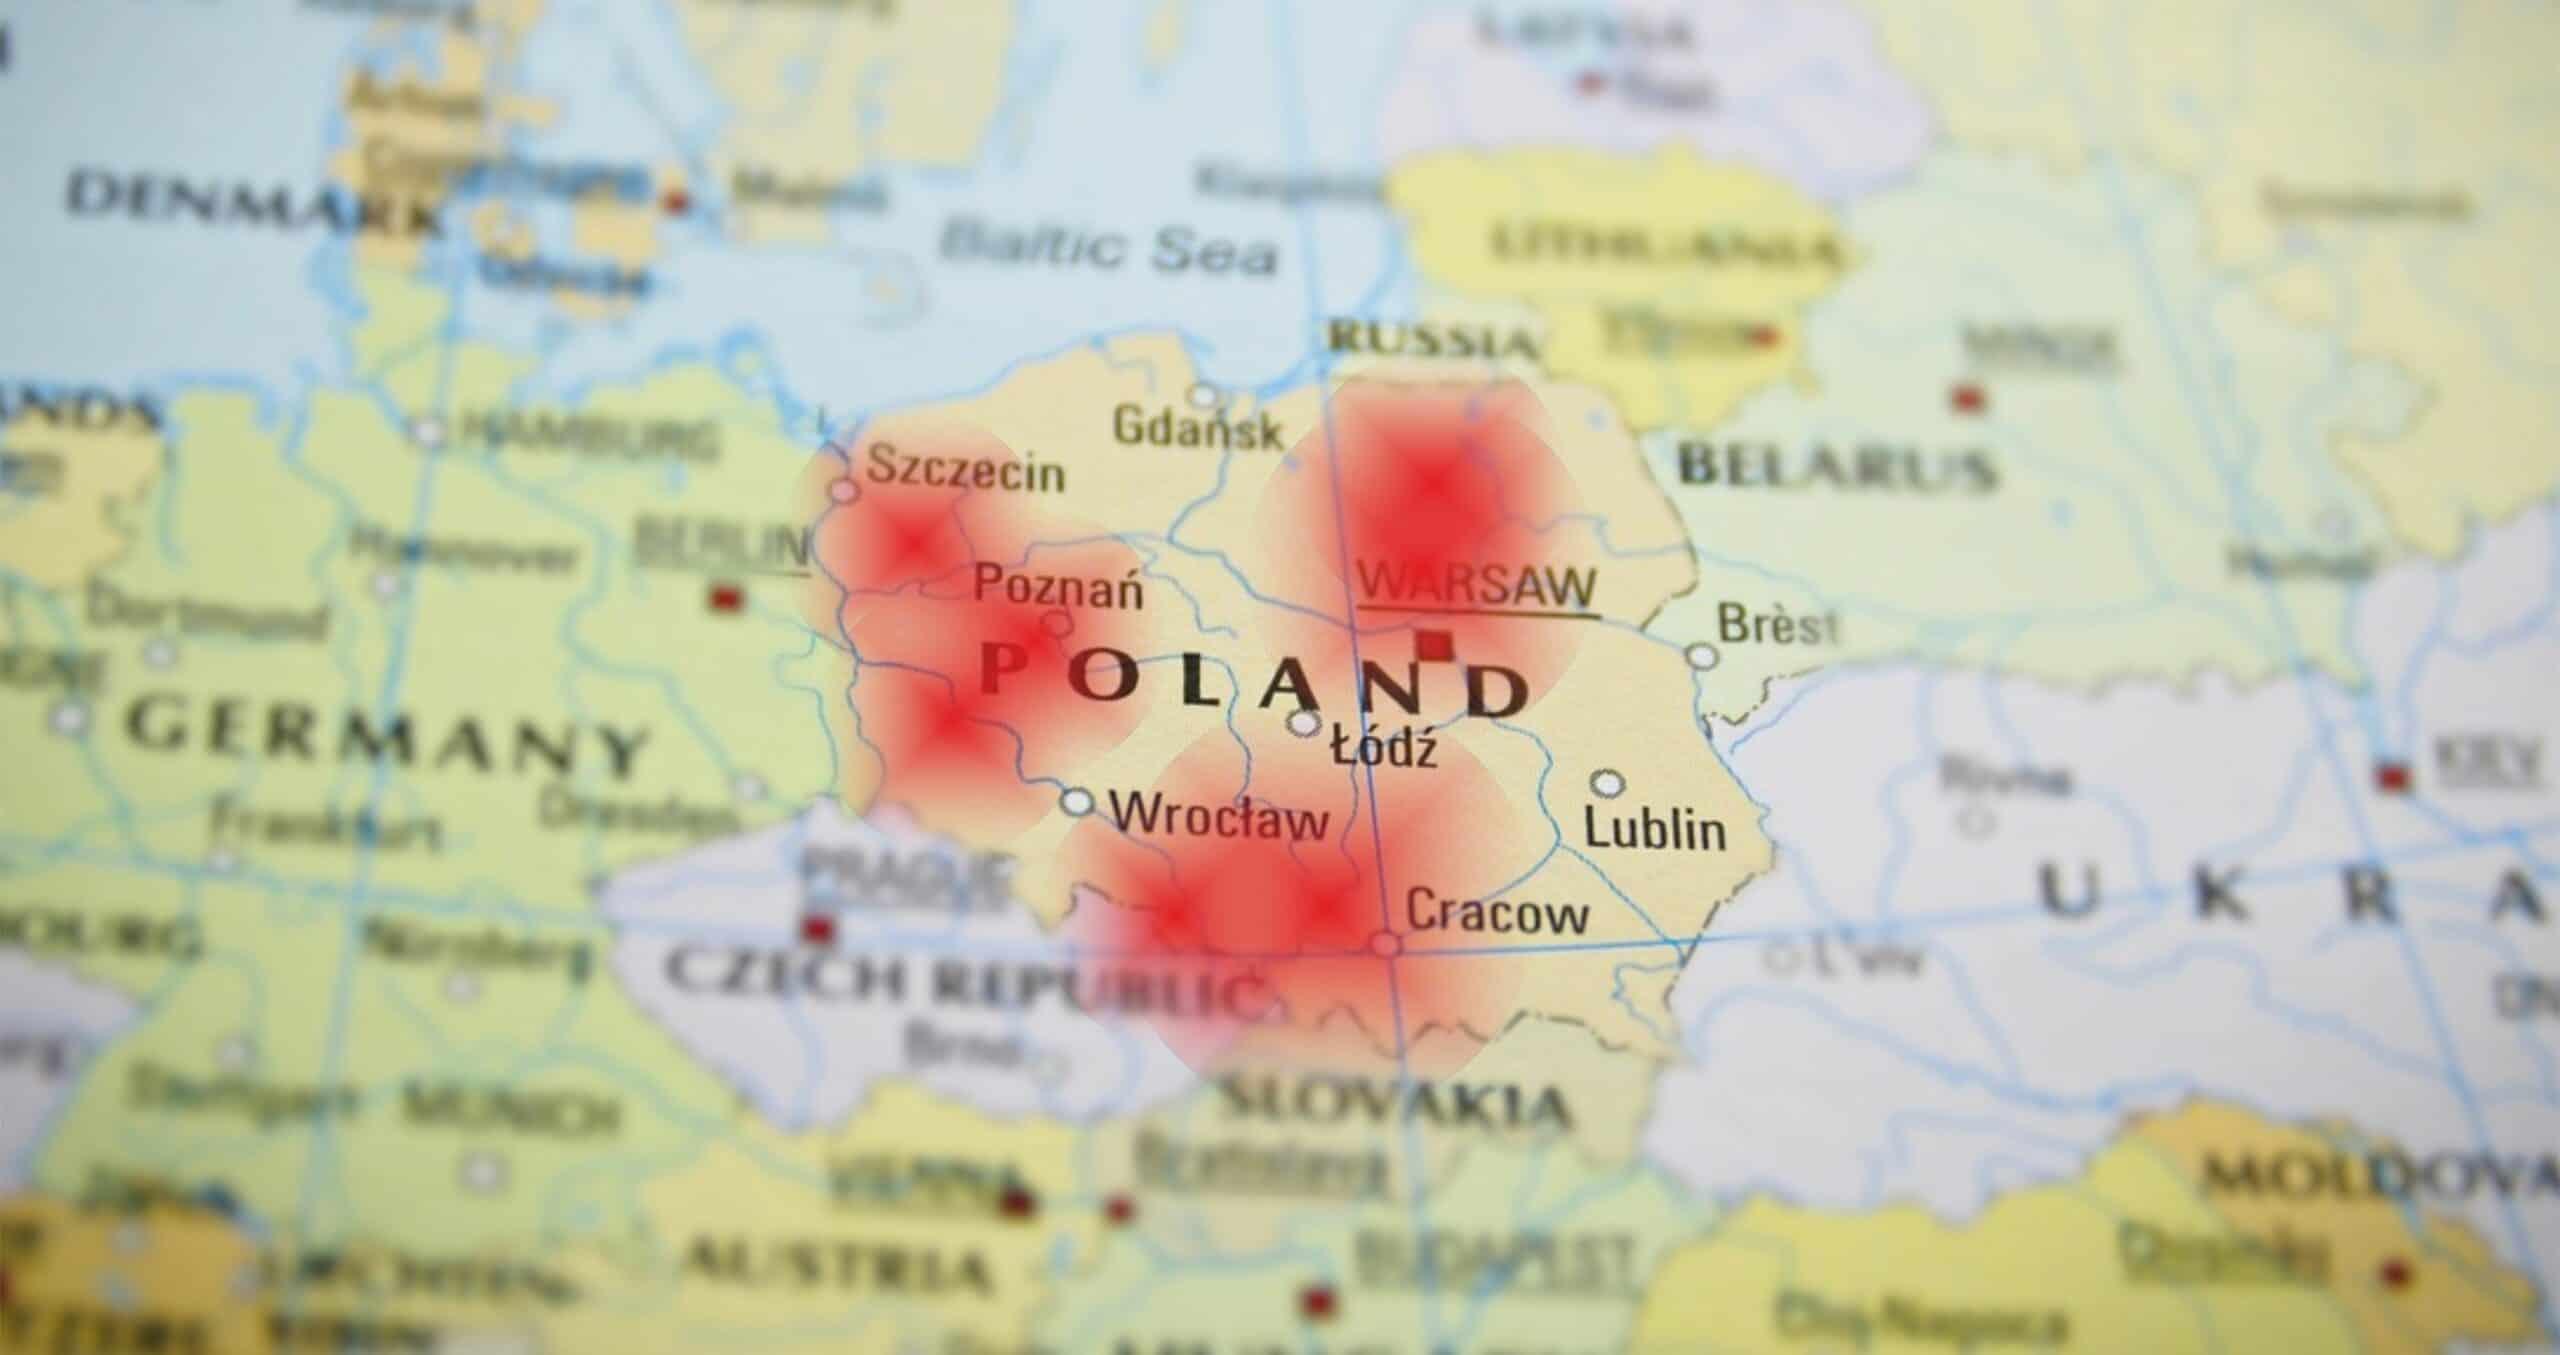 Epidemia koronawirusa: Kolejny pacjent w stanie ciężkim trafił do szpitala na OIOM. Koronawirus w Polsce powoduje nowe zachorowania, ile jest zarażonych?